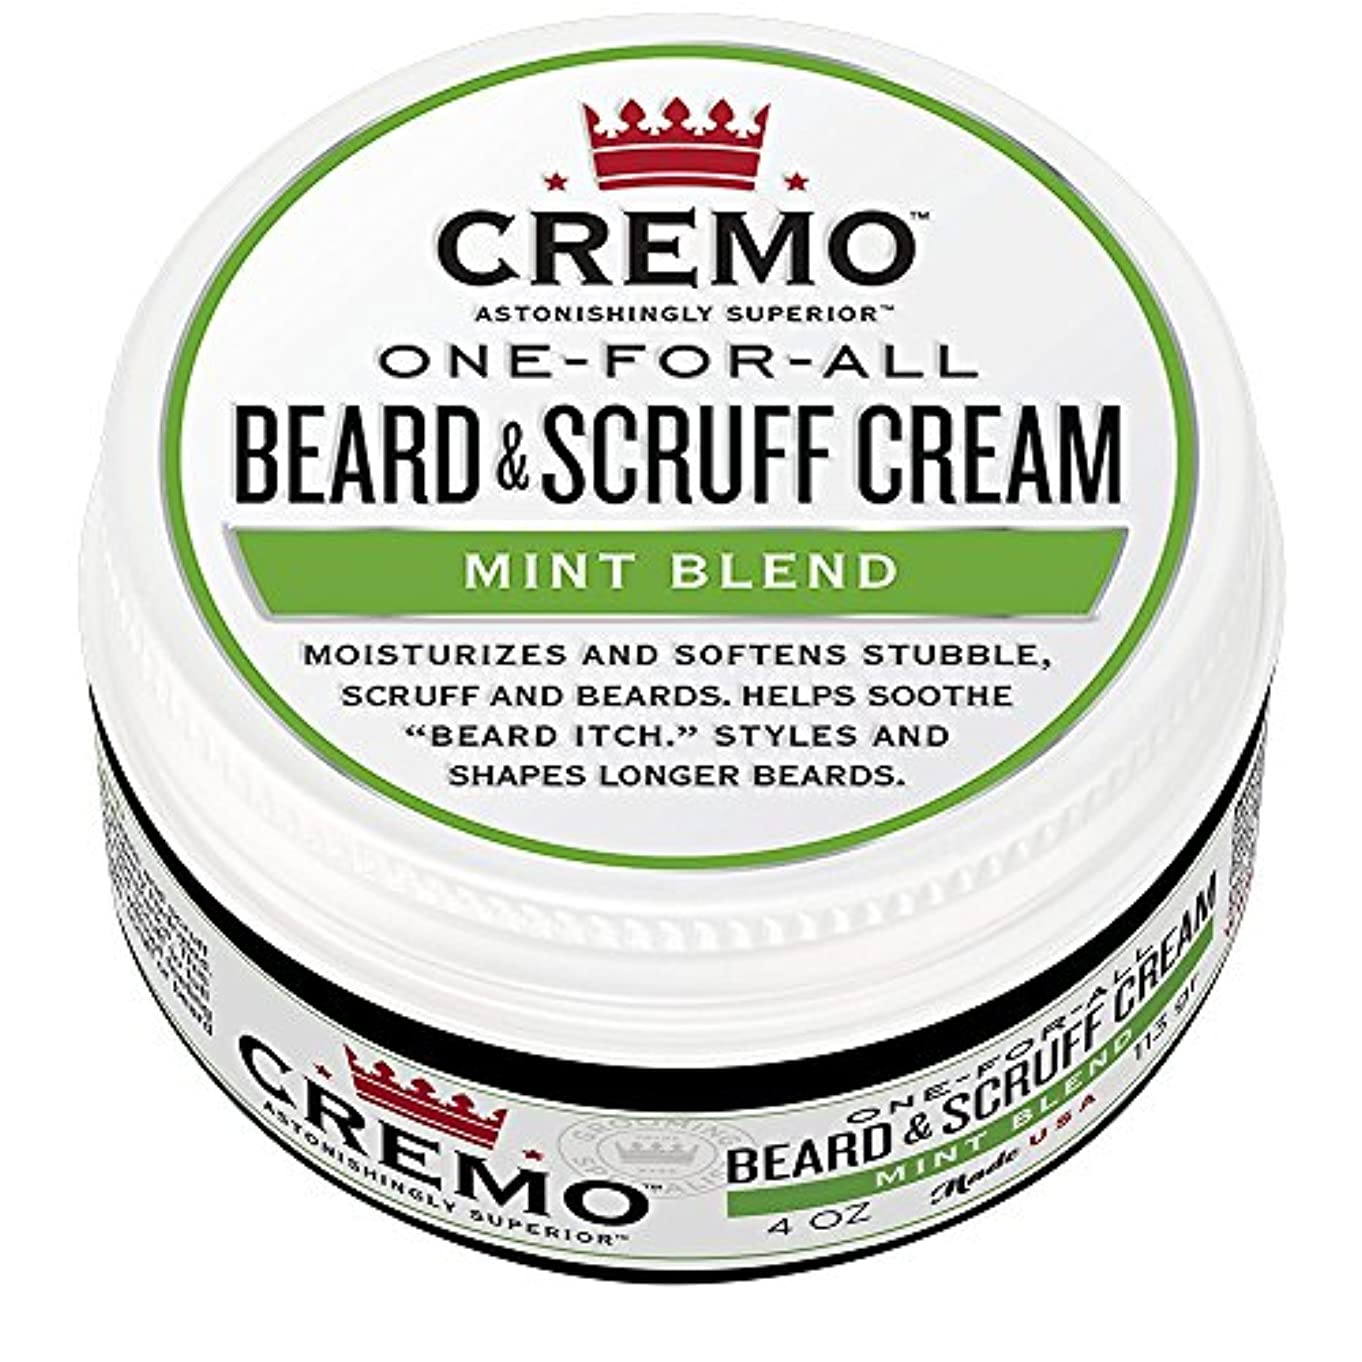 属する細断ヒギンズCremo ビアード&首筋クリーム、ミントのブレンドの香り、潤い、スタイルとひげのすべての長さについてはビアードかゆみを軽減し、4オンスをブレンド、包装は変更になる場合があります